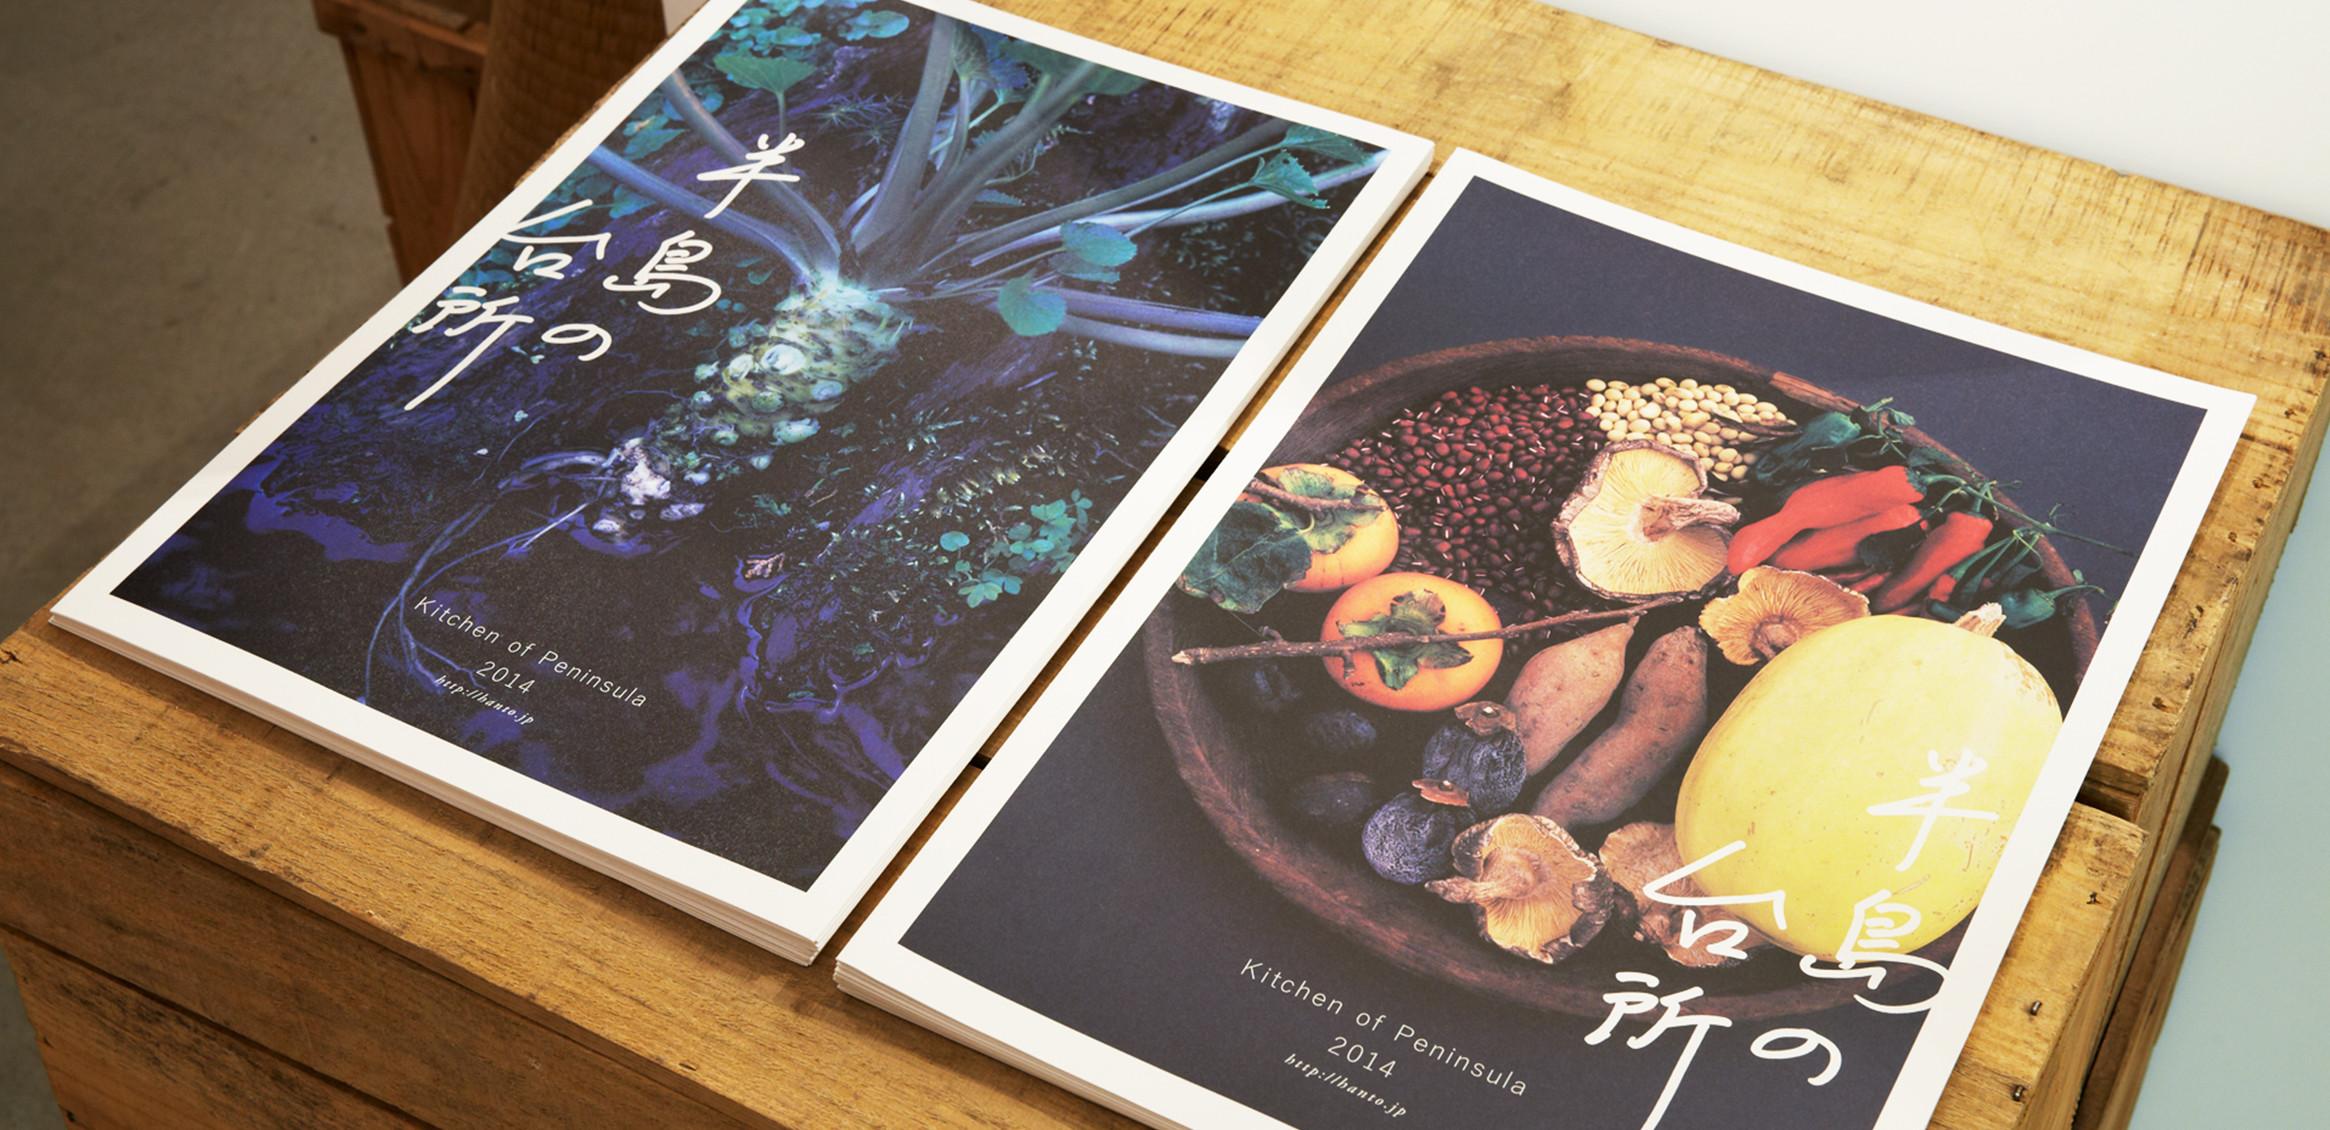 島のじかん2014 ─半島の台所1枚目